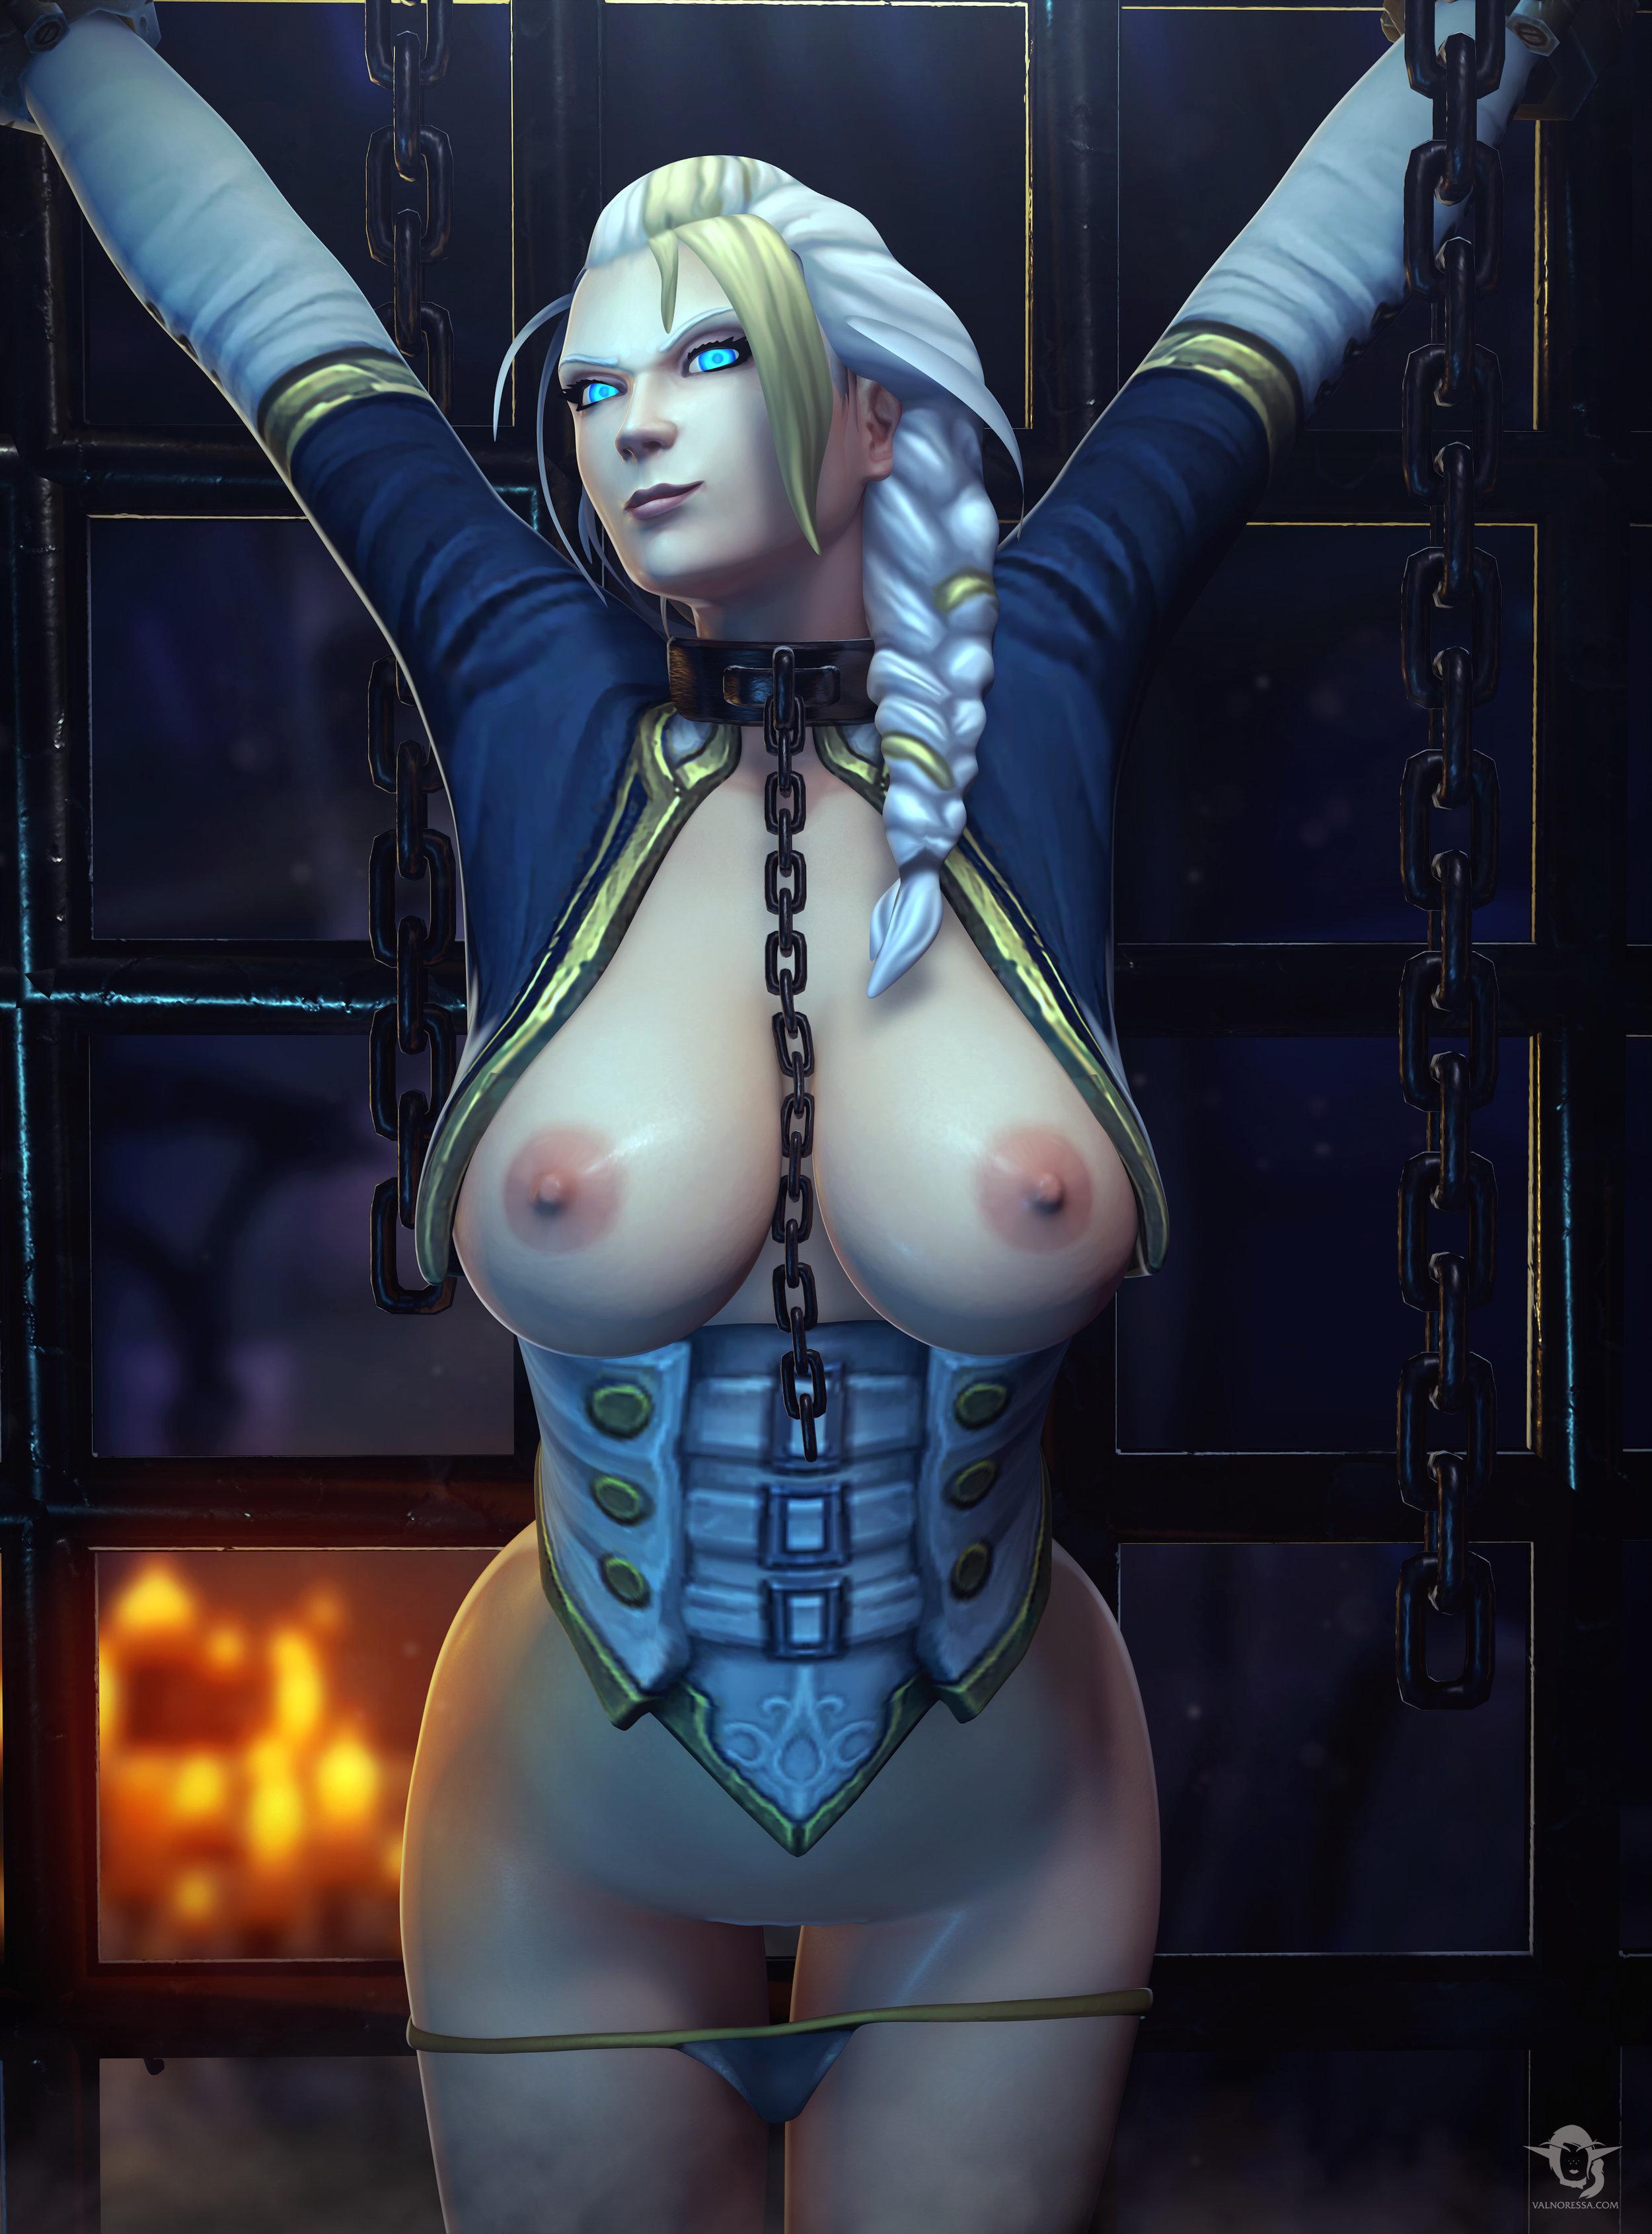 Cage_Scene3_PUB.jpg